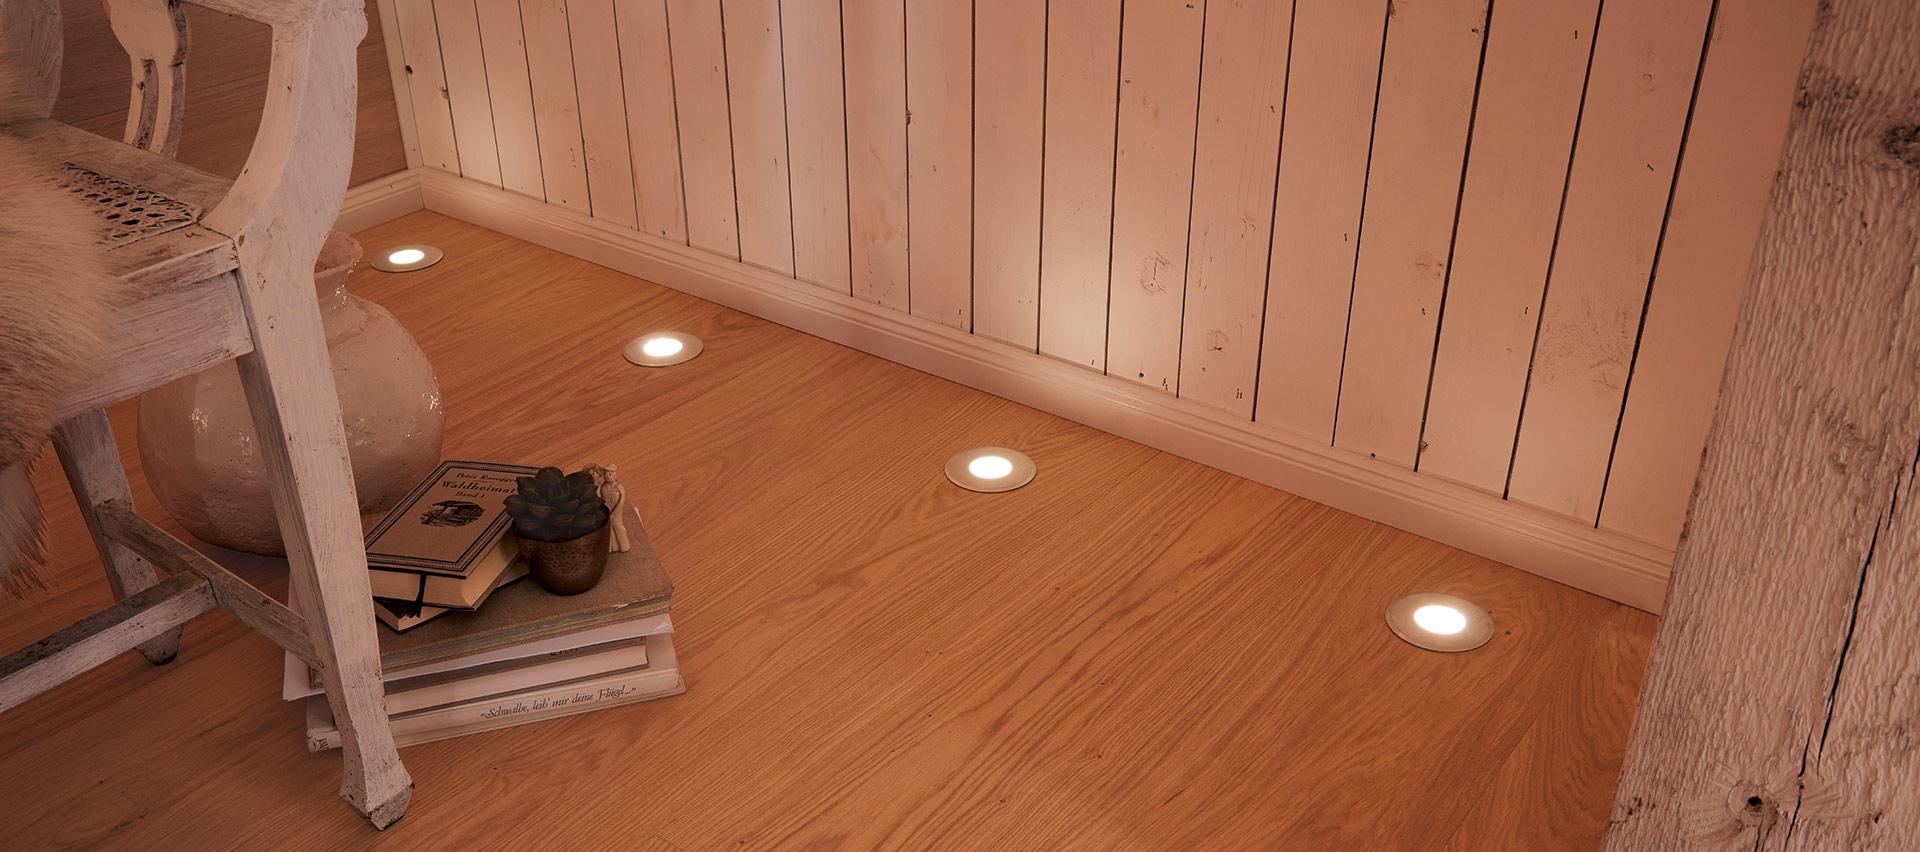 Beleuchtung am Boden von Holz-Hauff in Leingarten